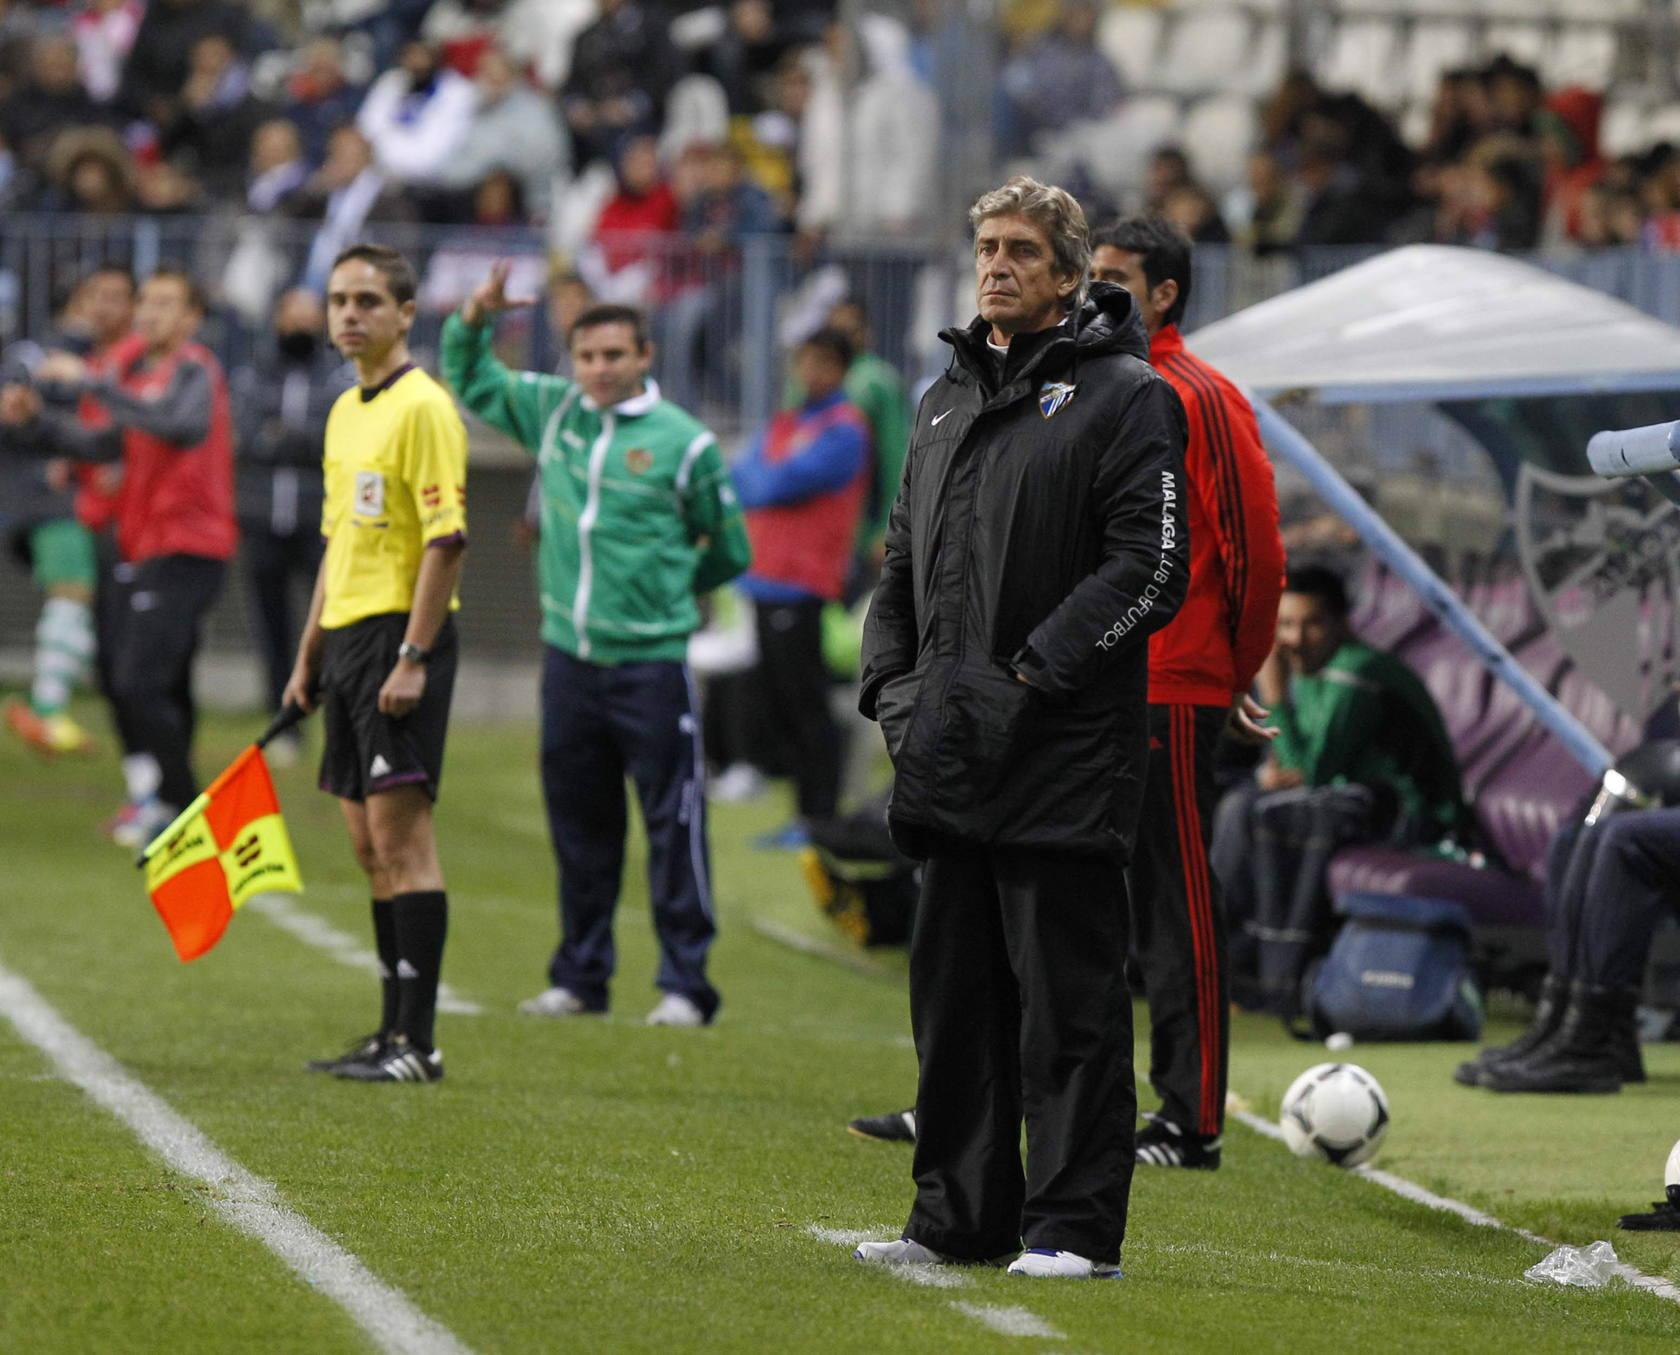 El Málaga se clasifica para octavos de la Copa pese a perder contra el Cacereño